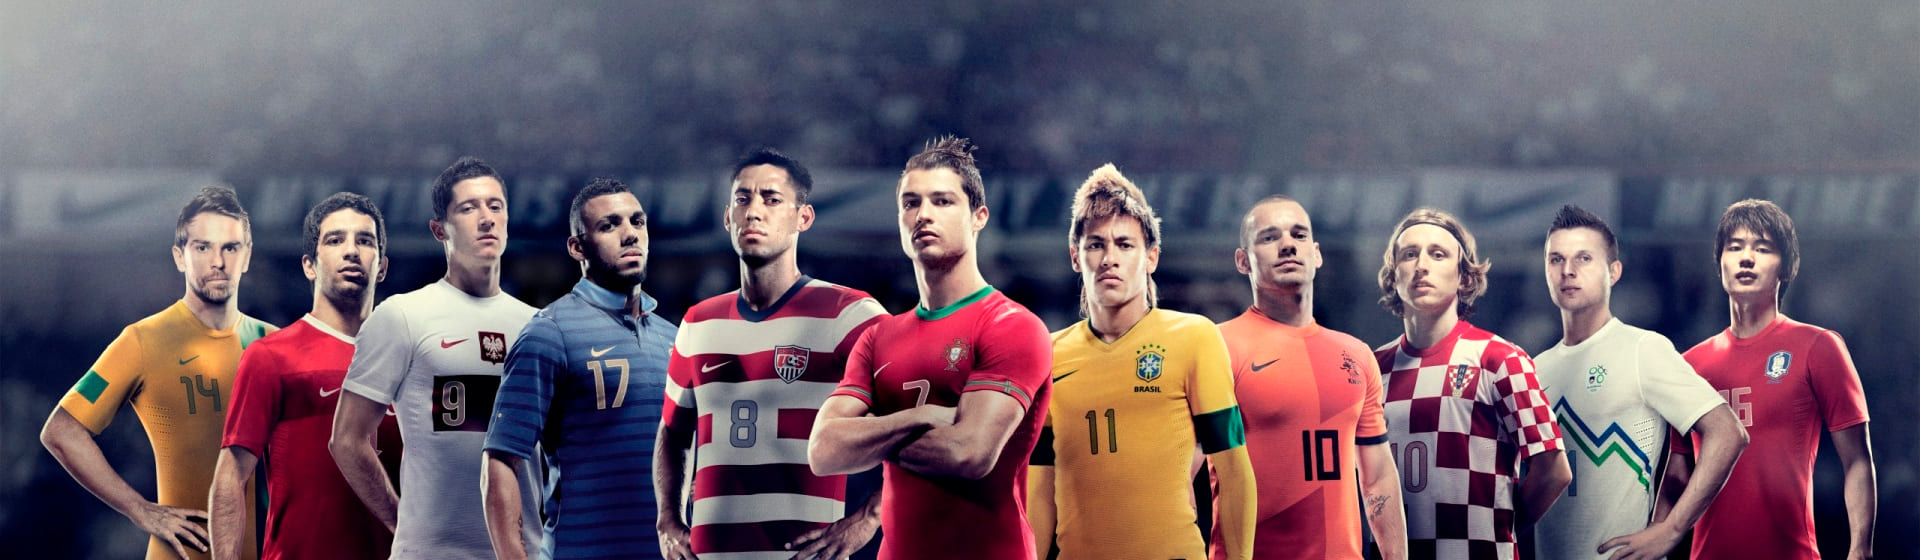 Футбольные игроки